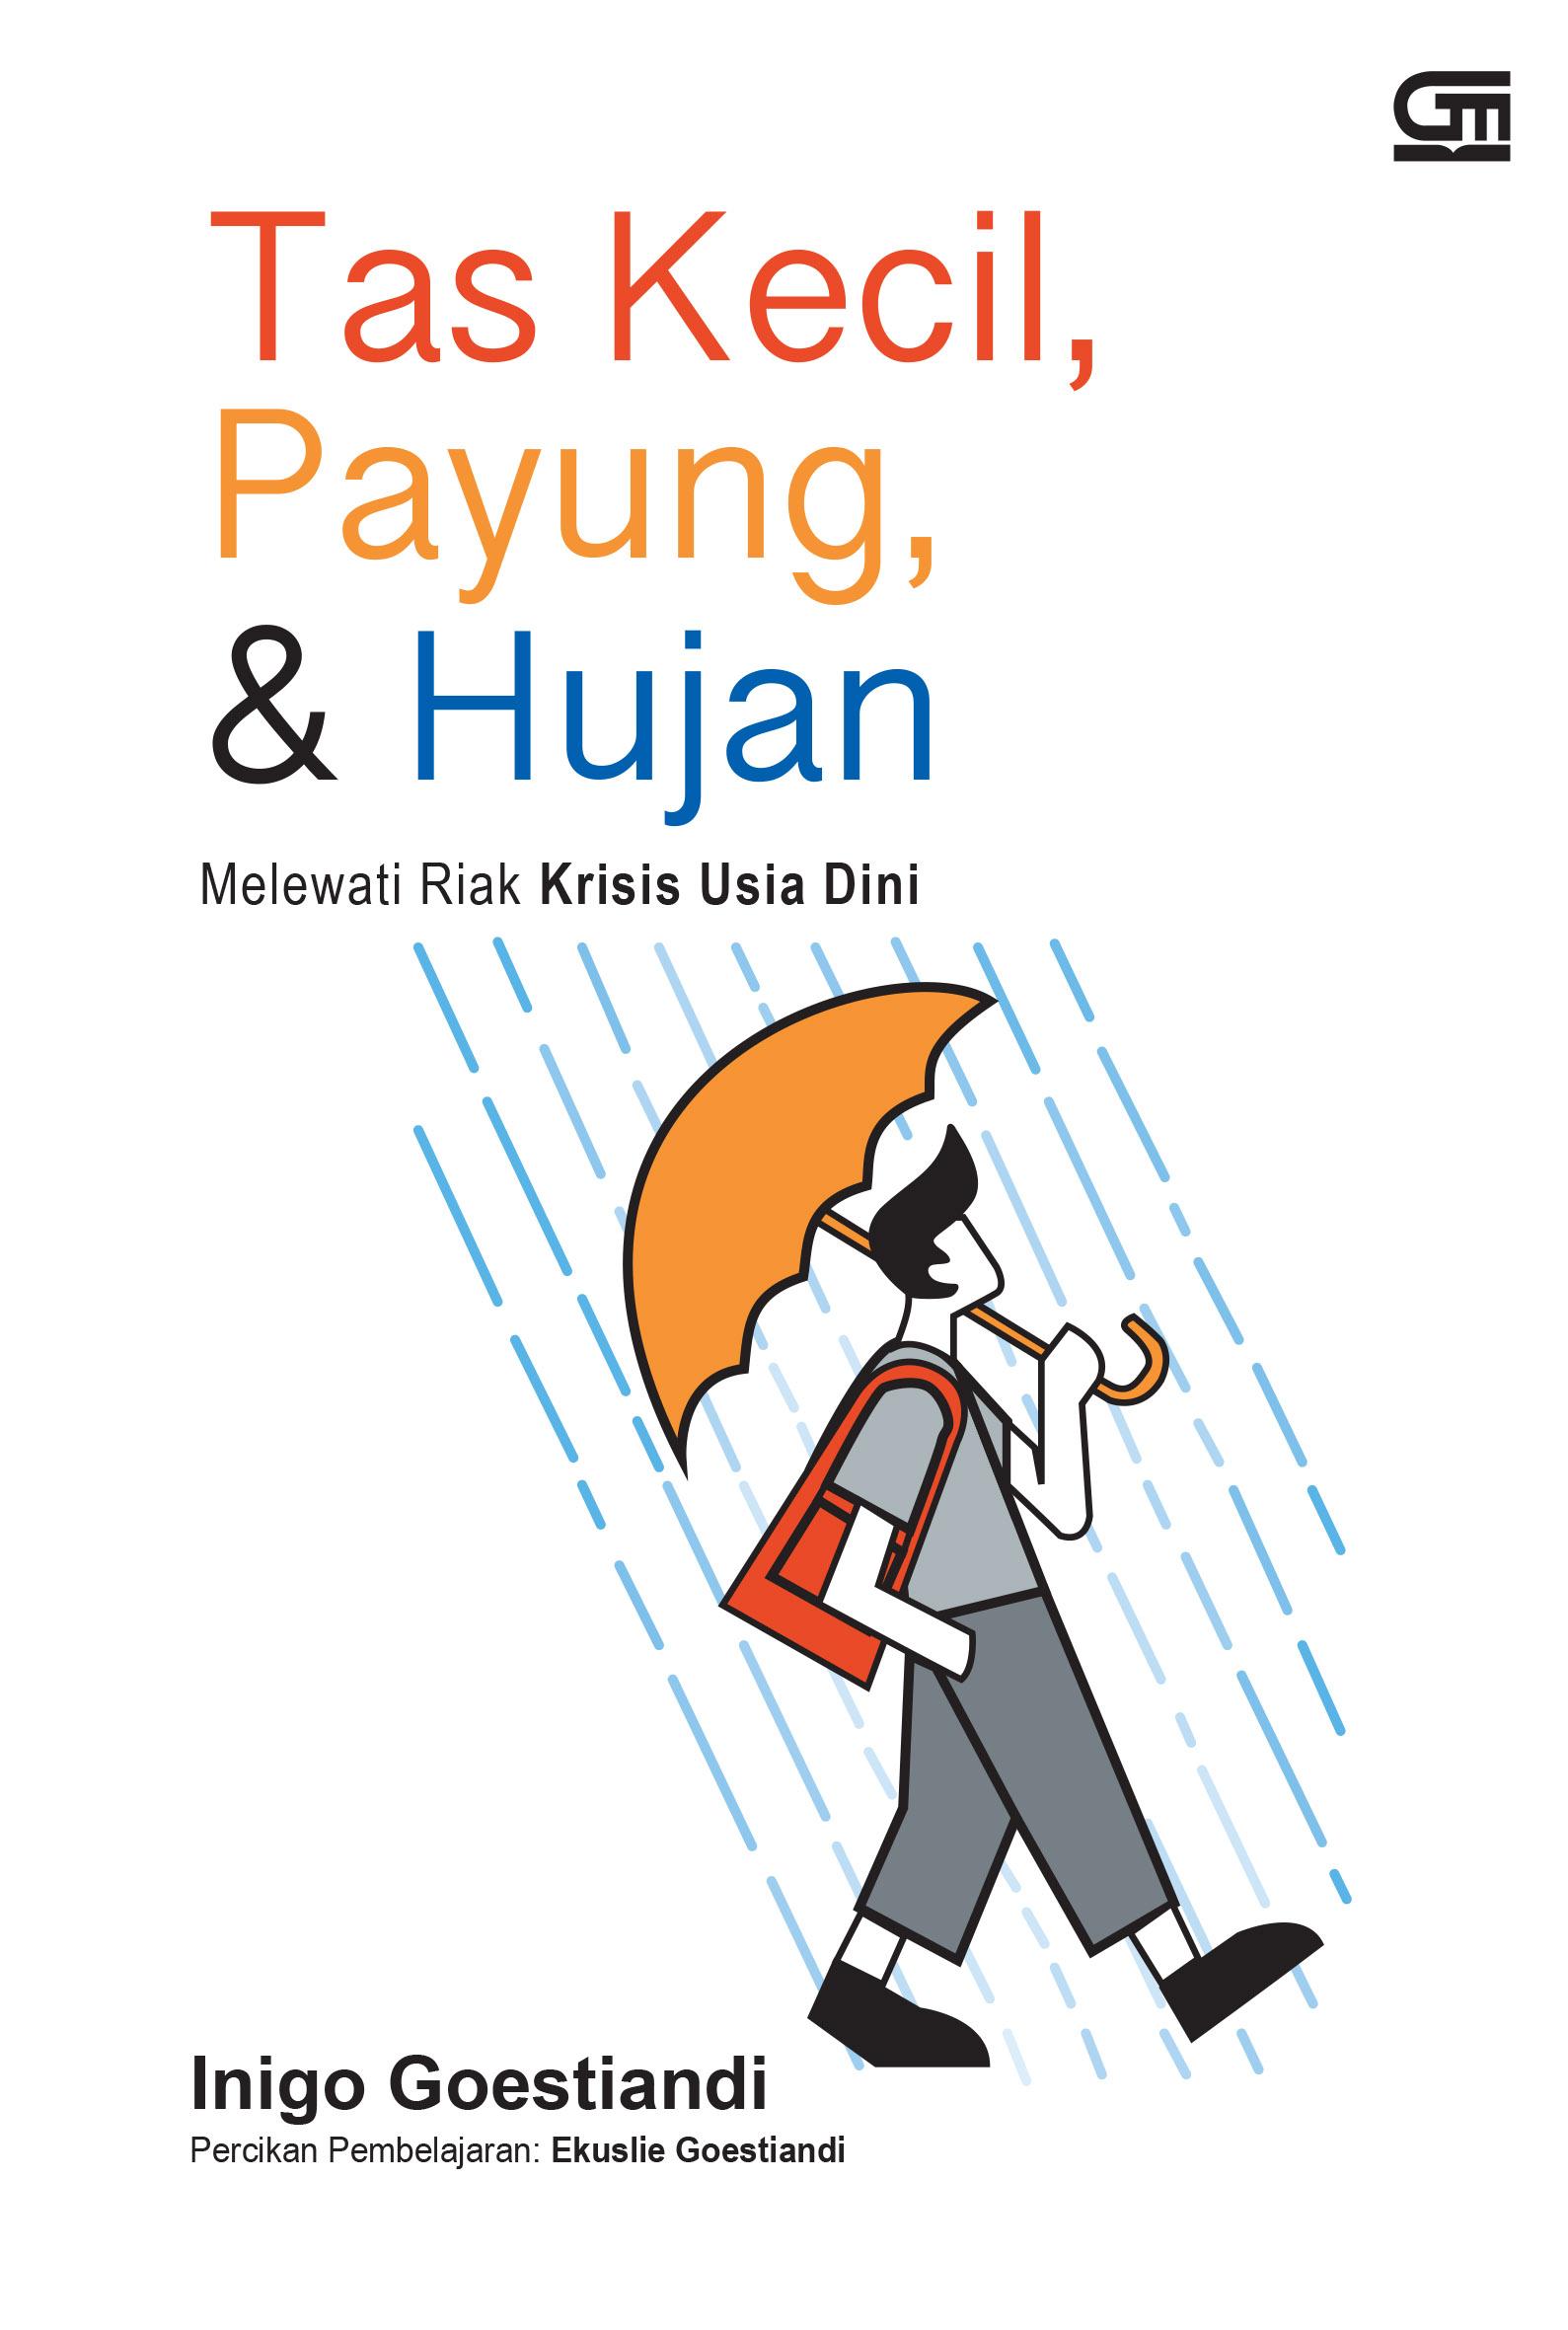 Tas Kecil, Payung, dan Hujan